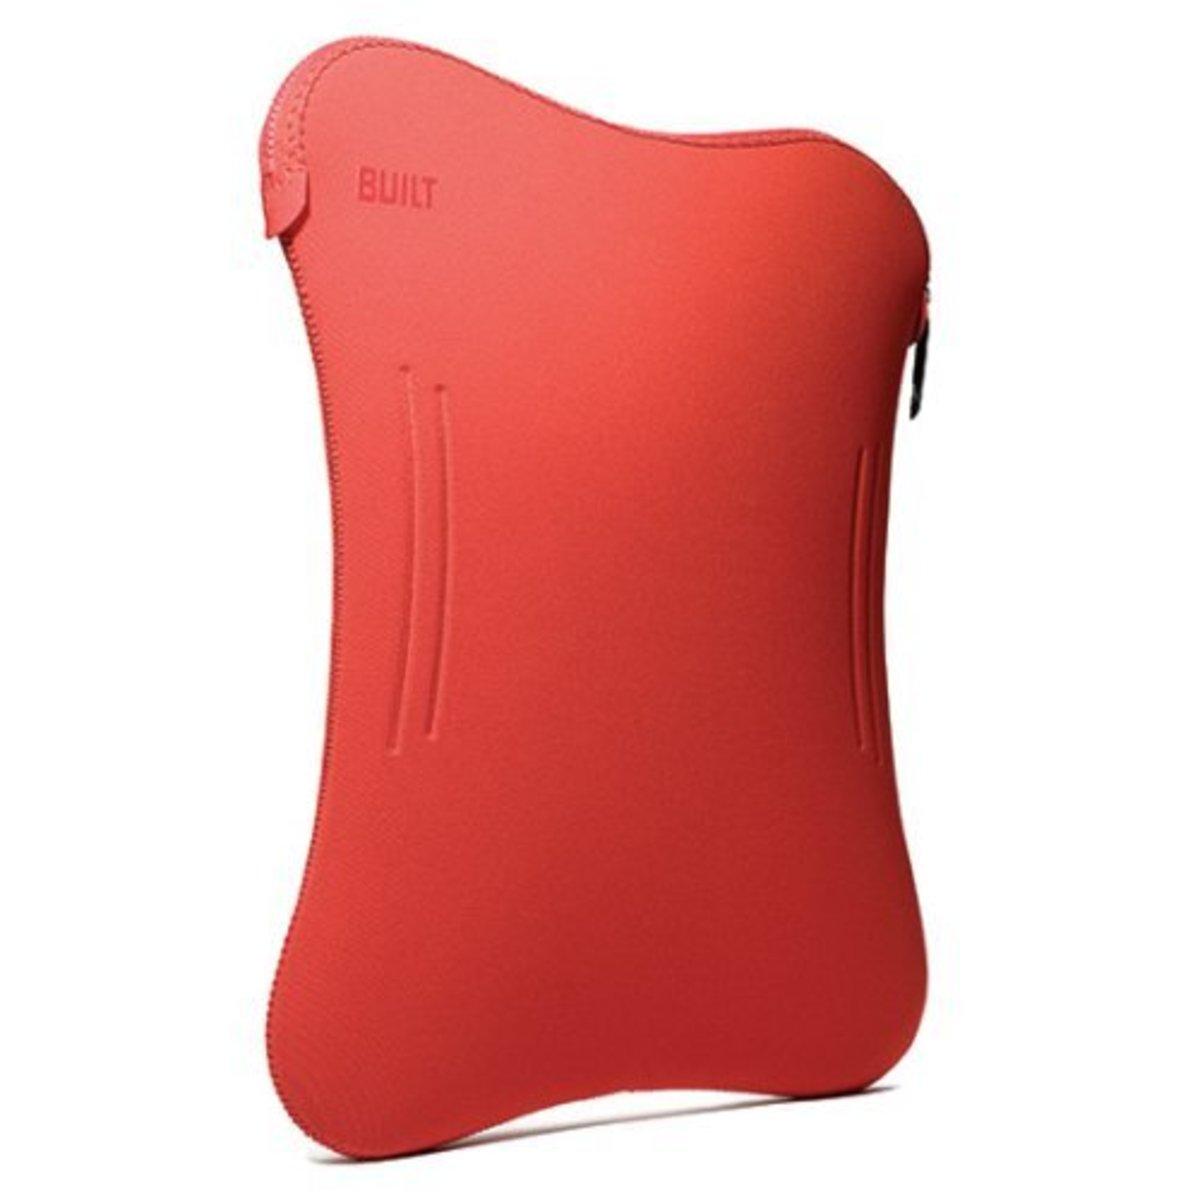 Built E-LS17-FOR 17-Inch Laptop Sleeve (Fiery Orange)